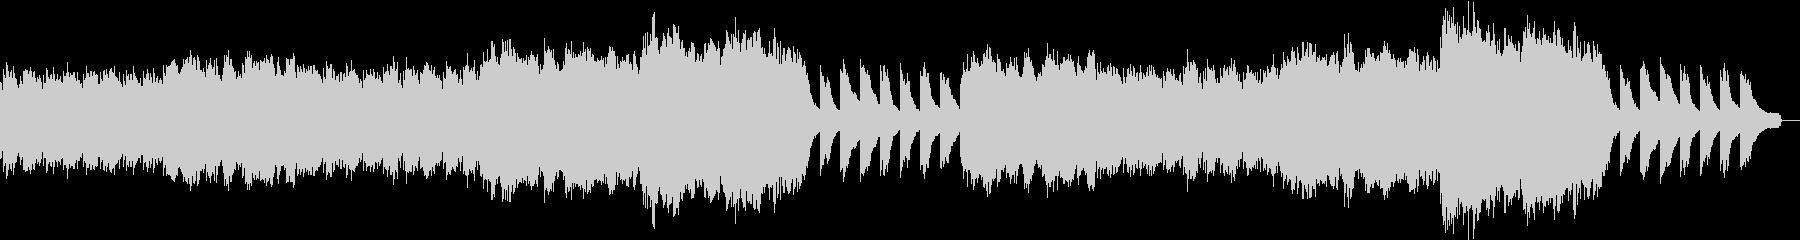 ノスタルジックなヒーリングの未再生の波形